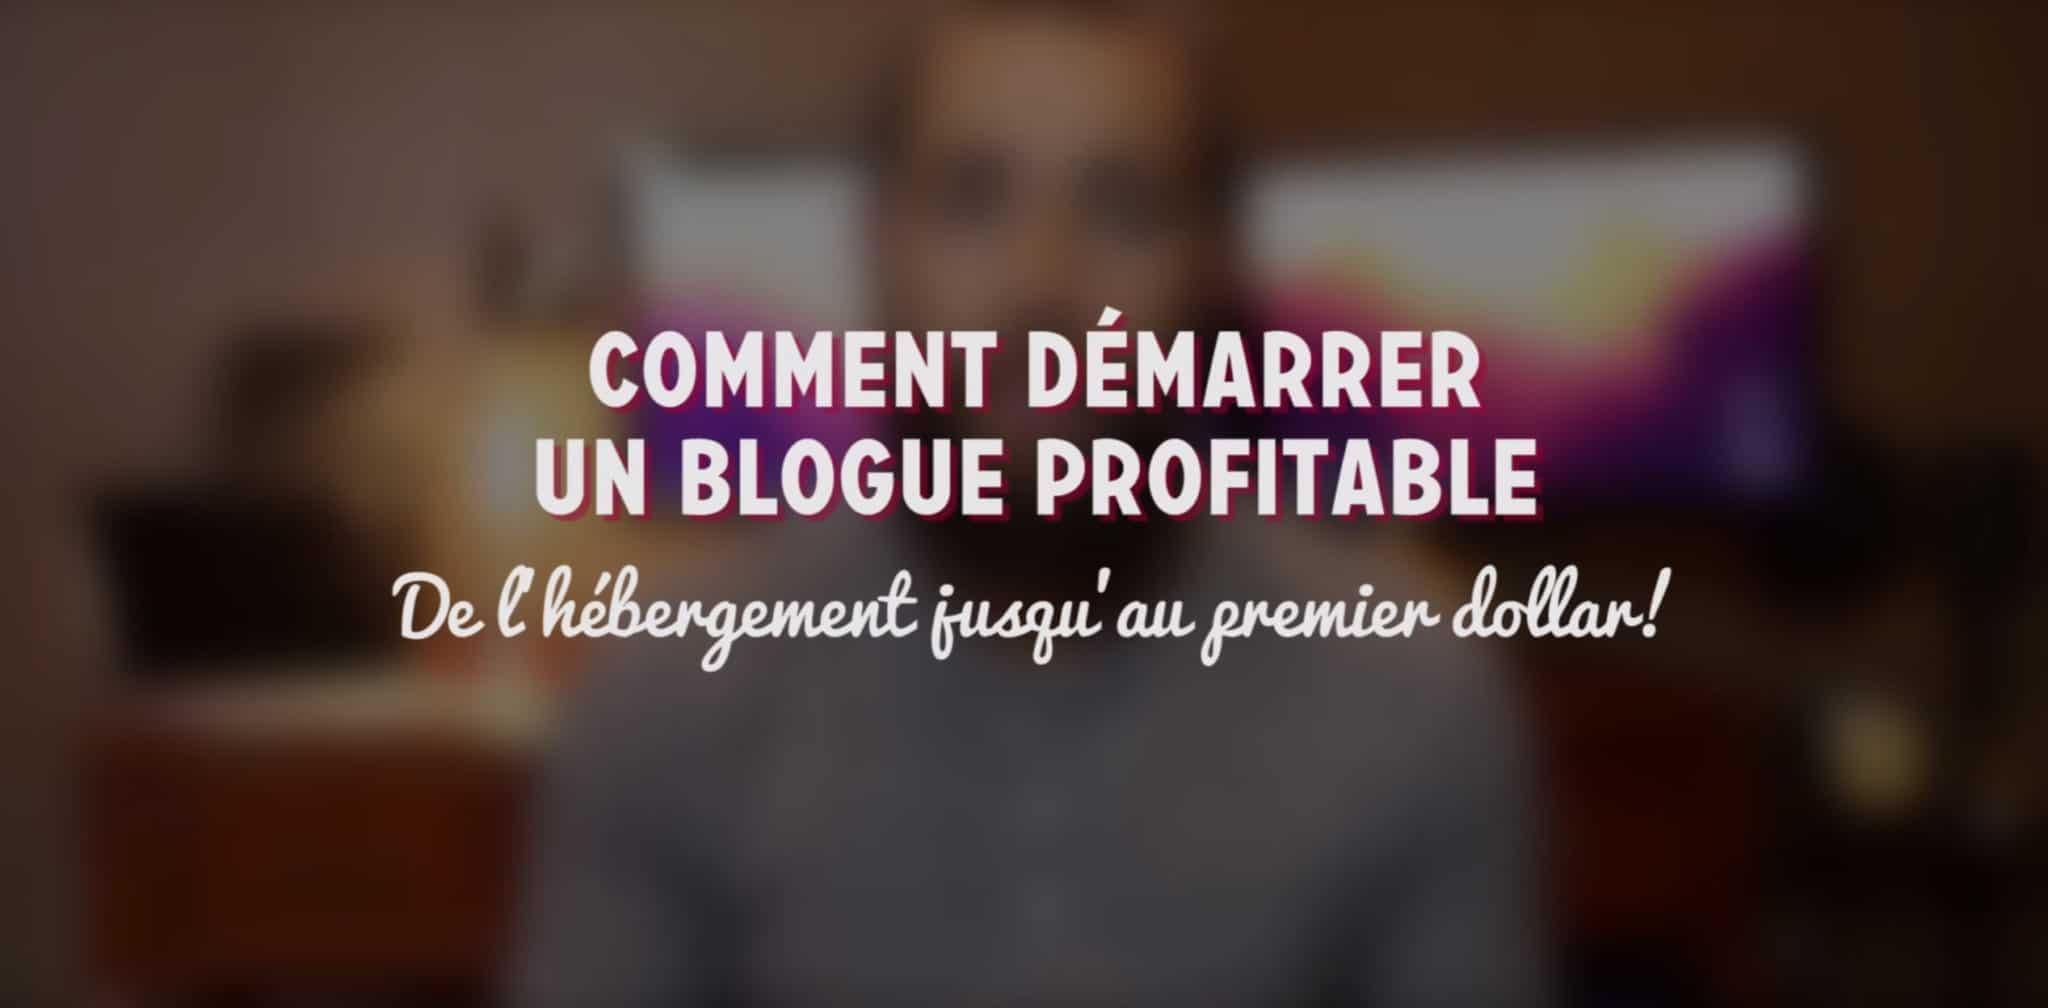 comment demarrer un blog profitable